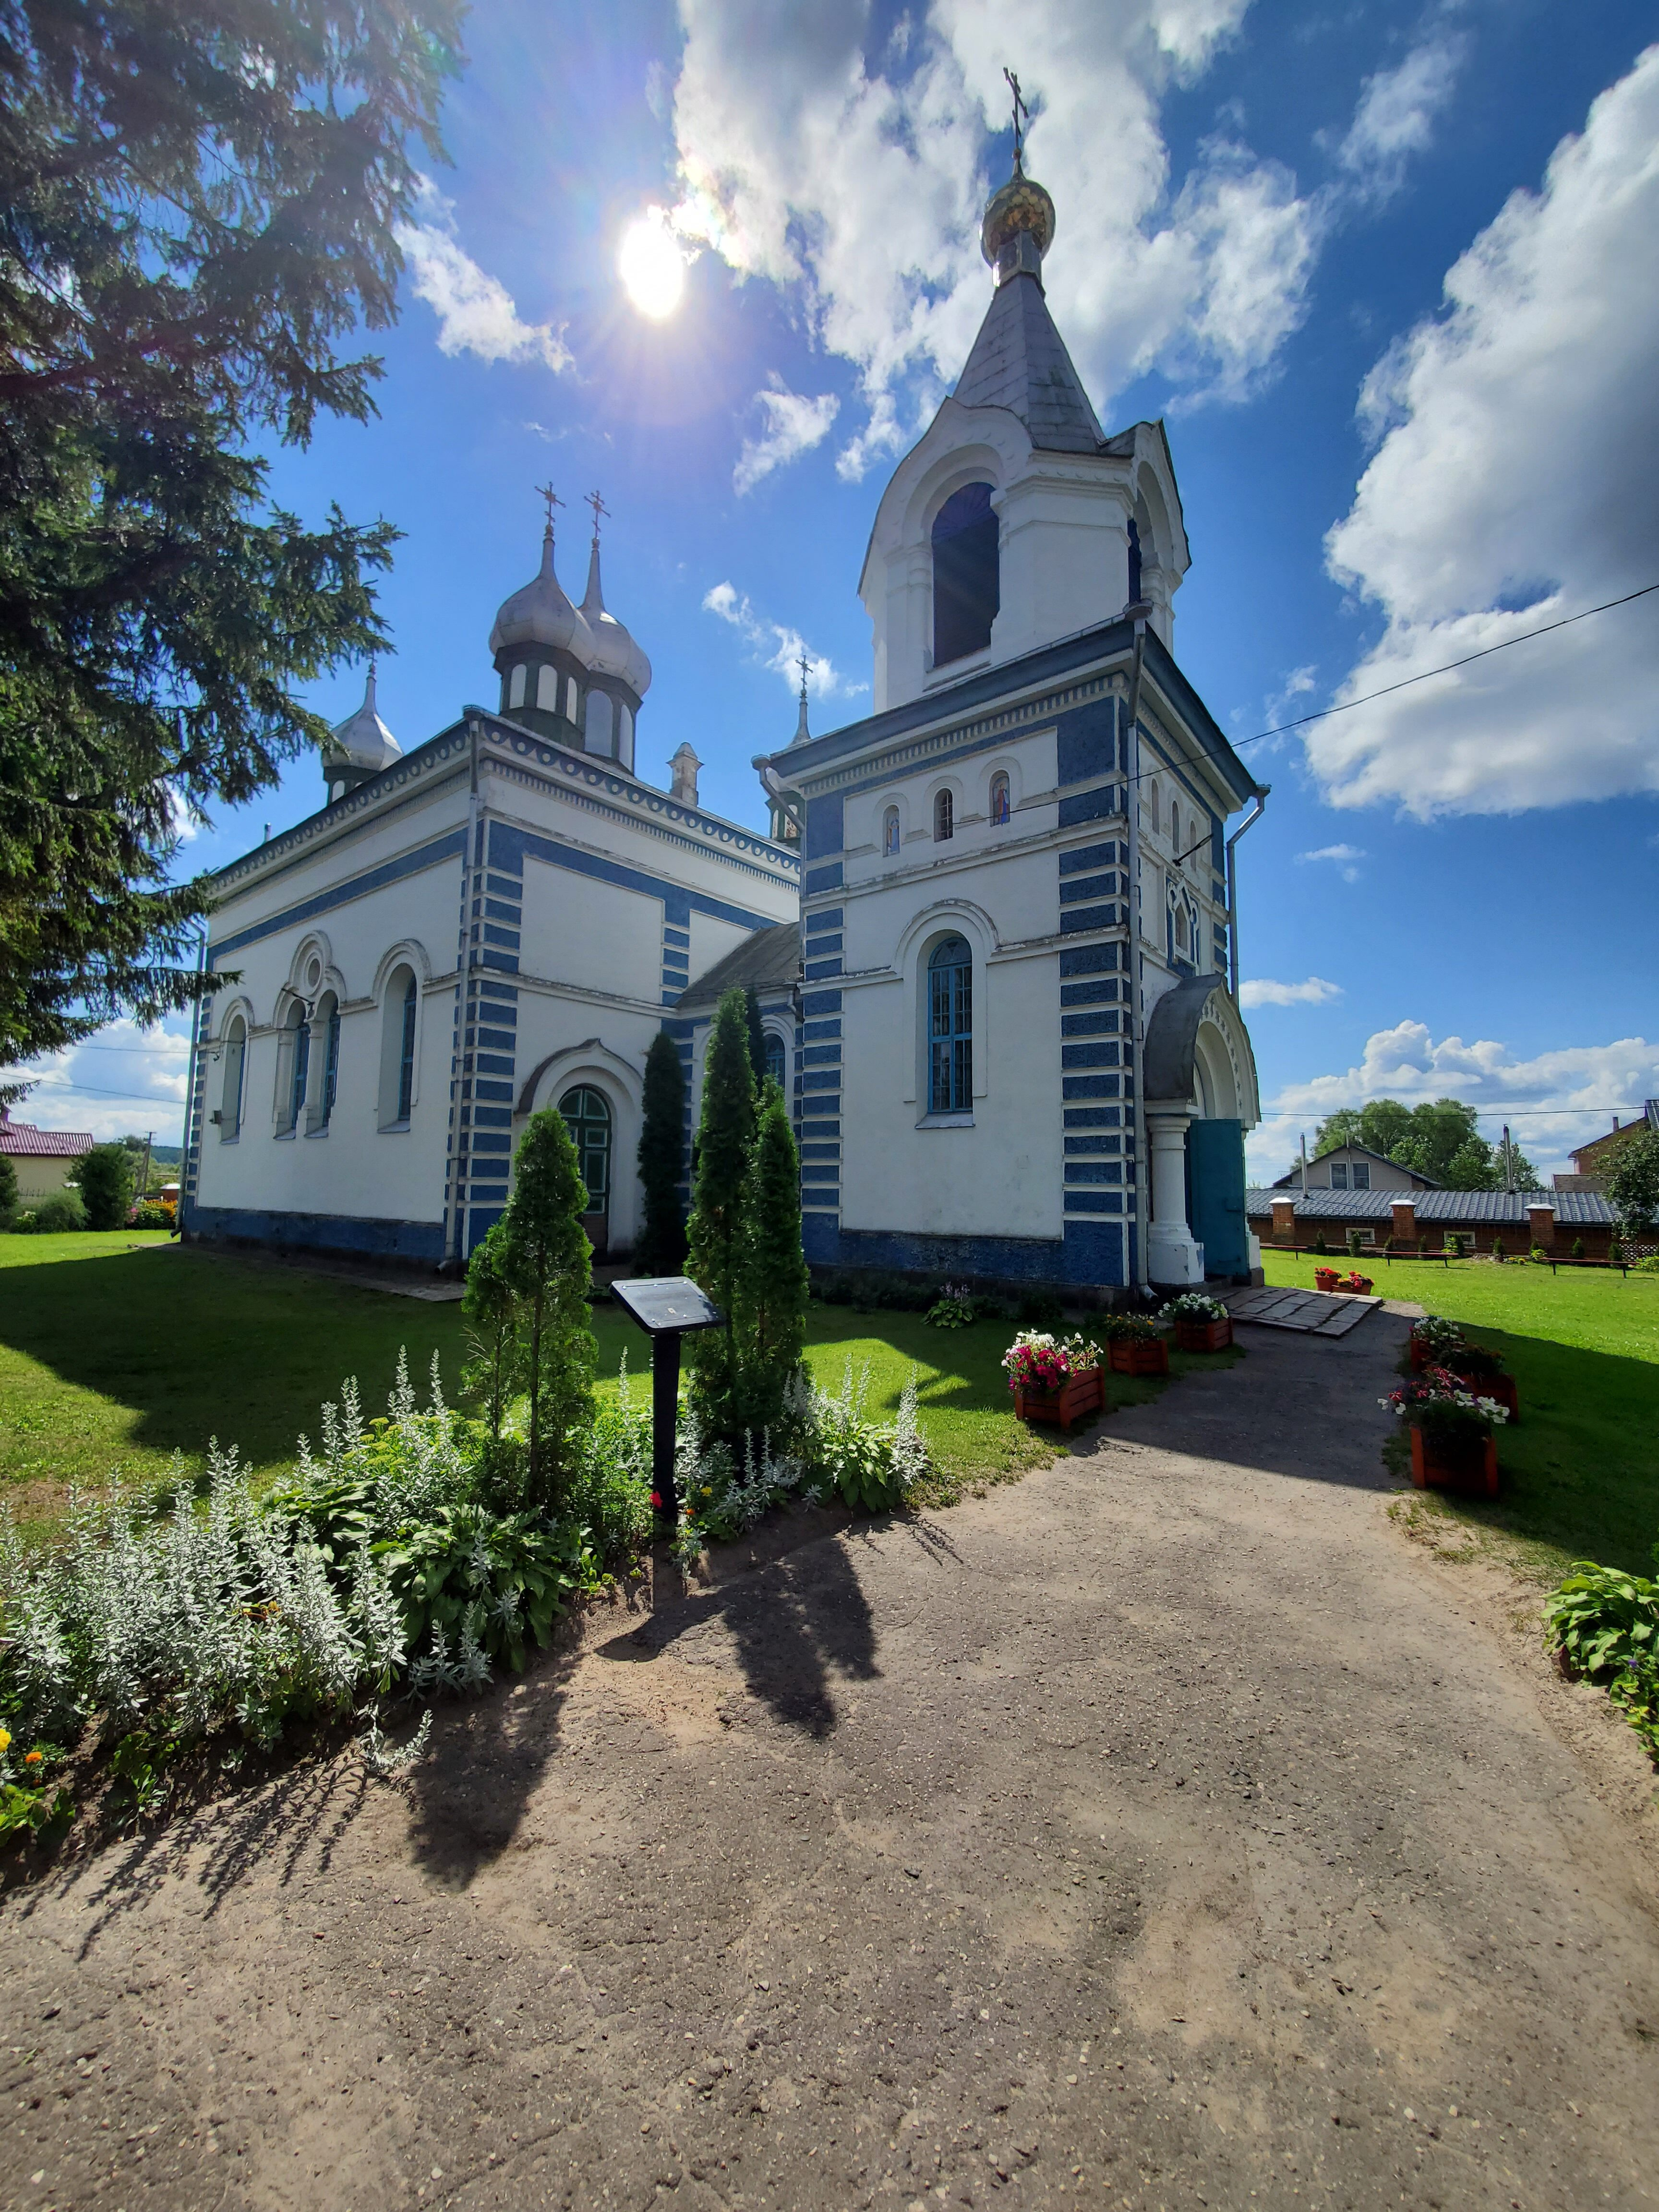 20200801 114407 rotated - Церковь Успения Пресвятой Богородицы в Браславе